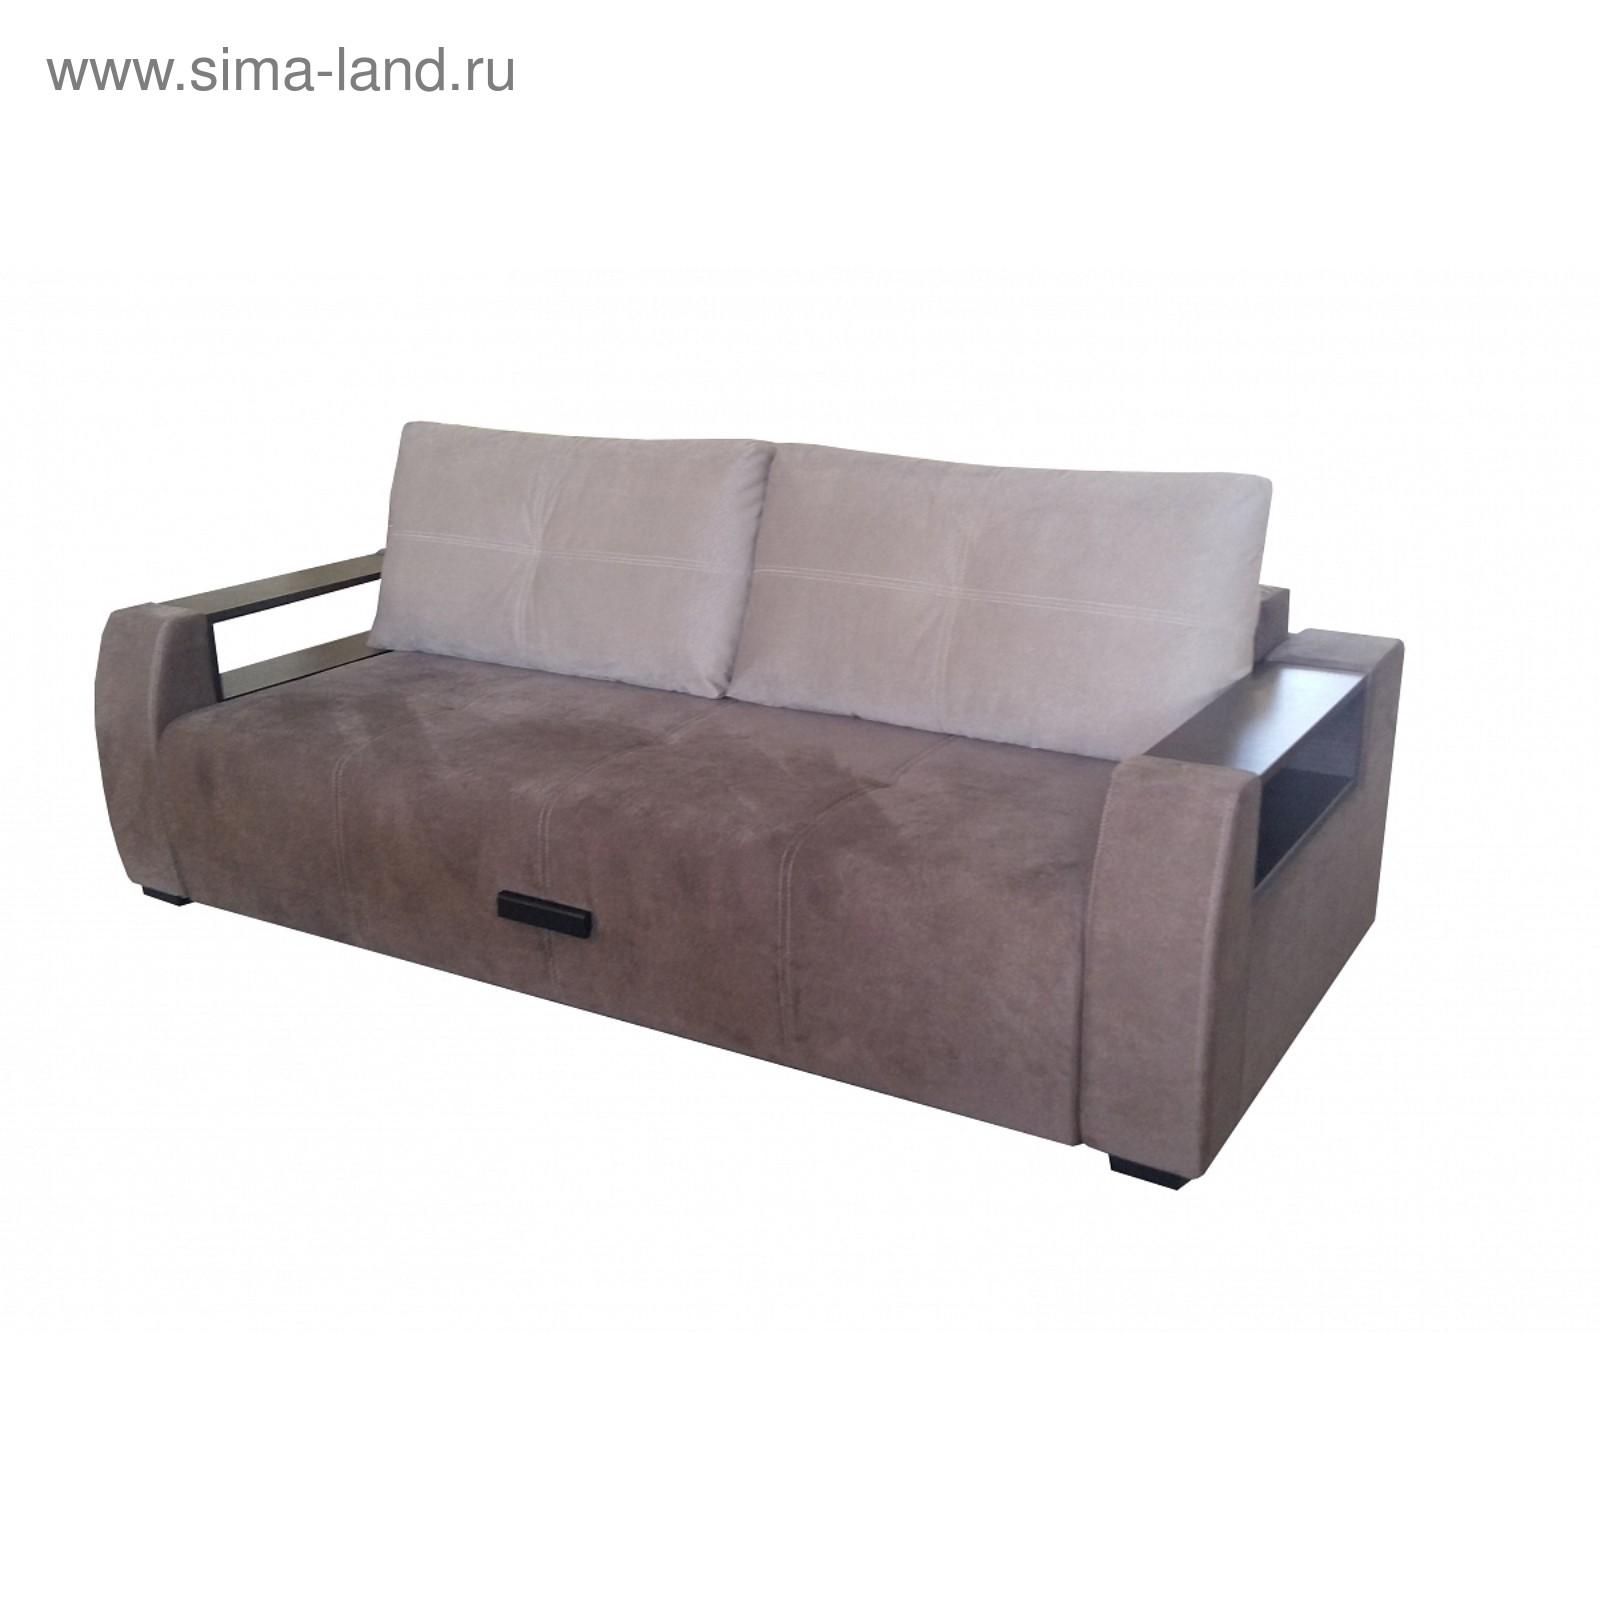 диван кровать санрайз 2845965 купить по цене от 3055438 руб